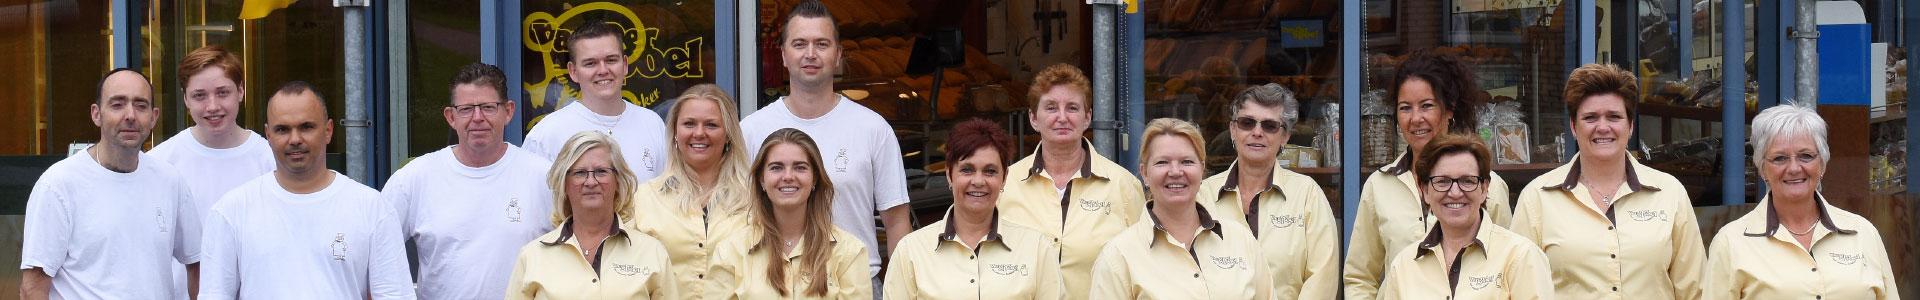 BakkervanderSpoel-headers-team.jpg